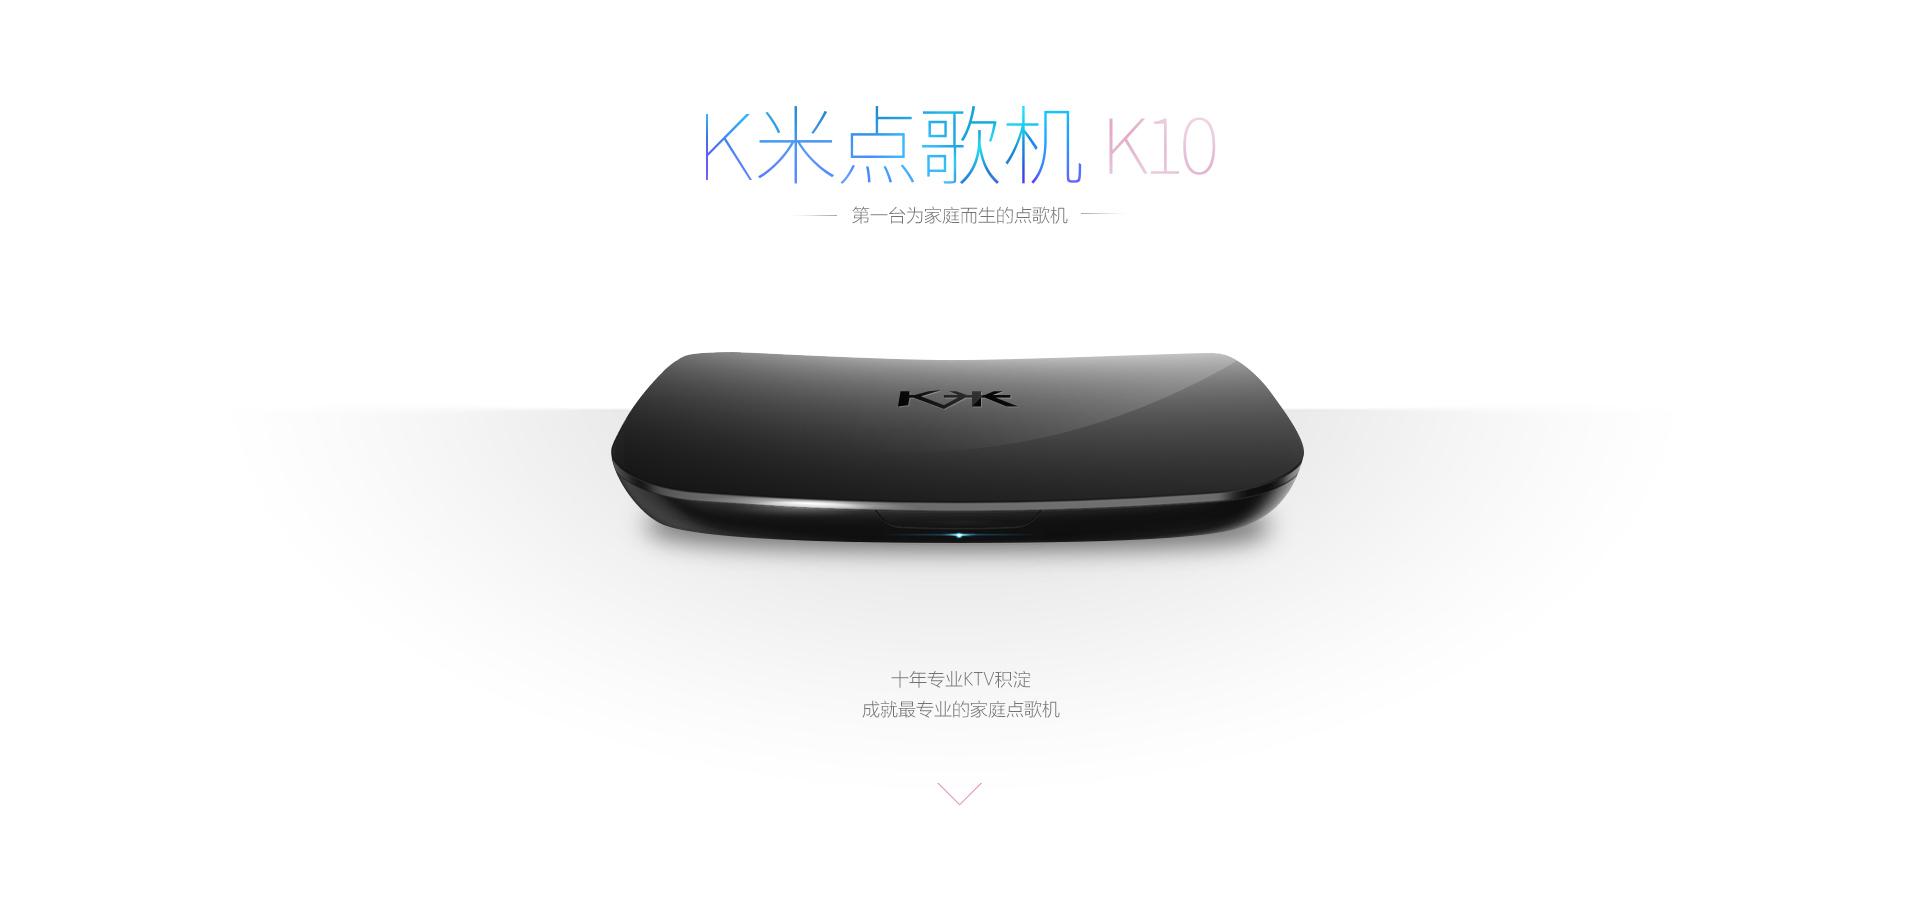 璐靛窞KTV鐐规瓕鏈? width=